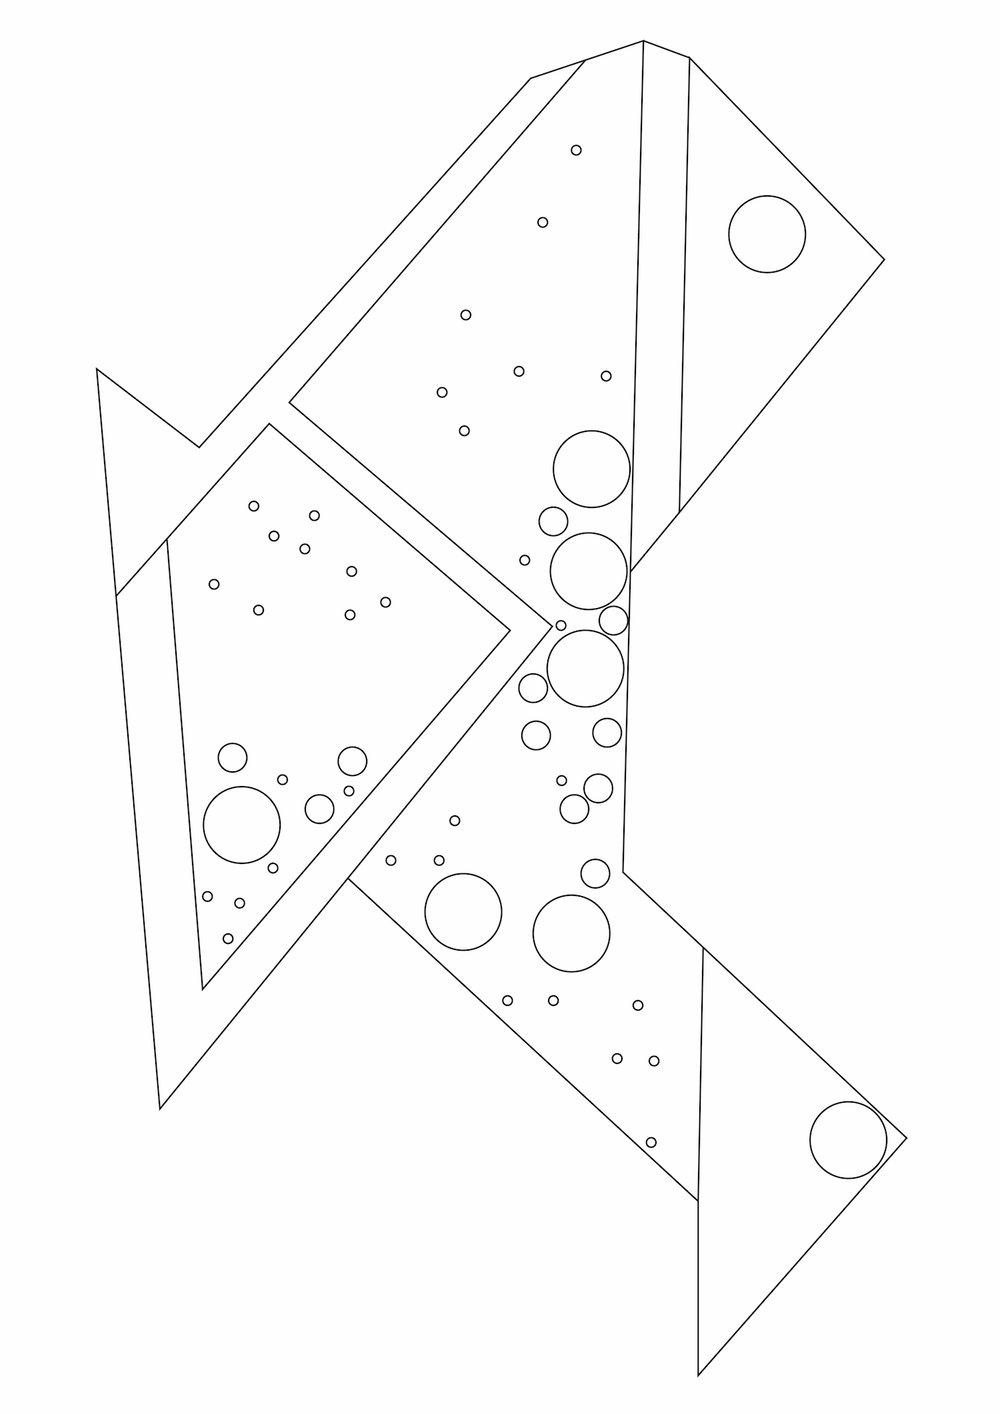 50_Zeichenfläche 1.jpg